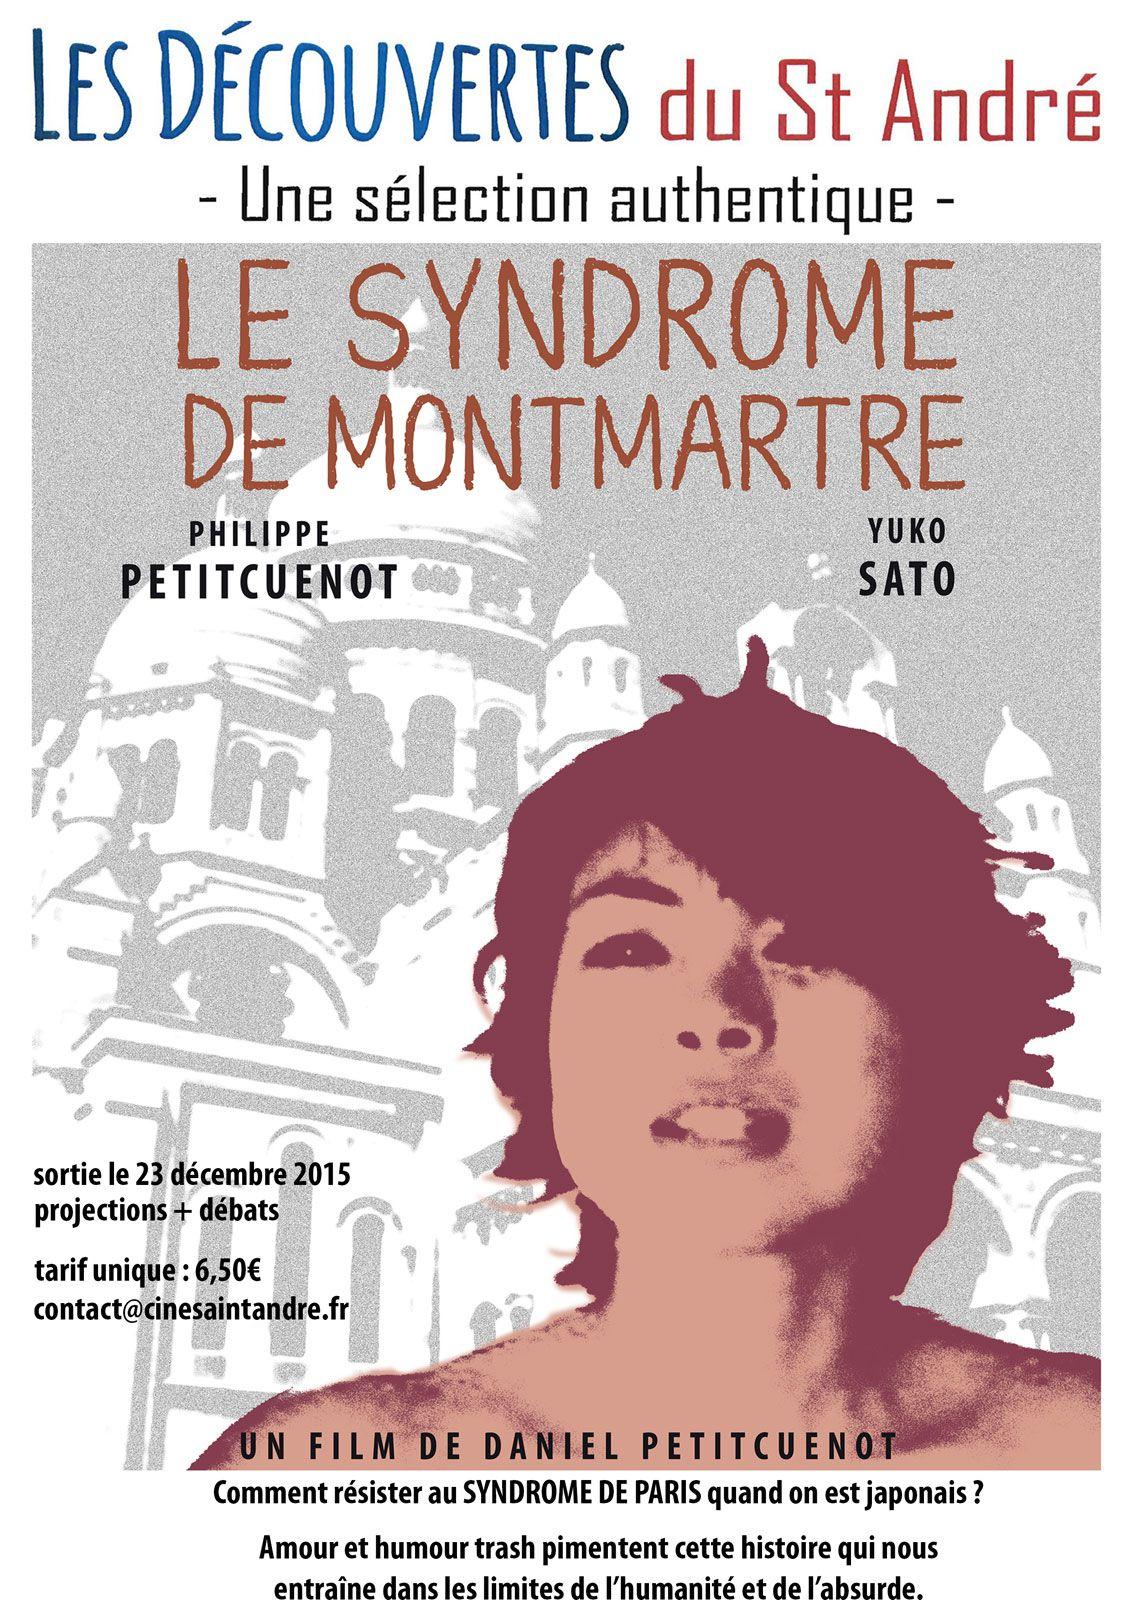 Le syndrome de Montmartre - Film (2004)